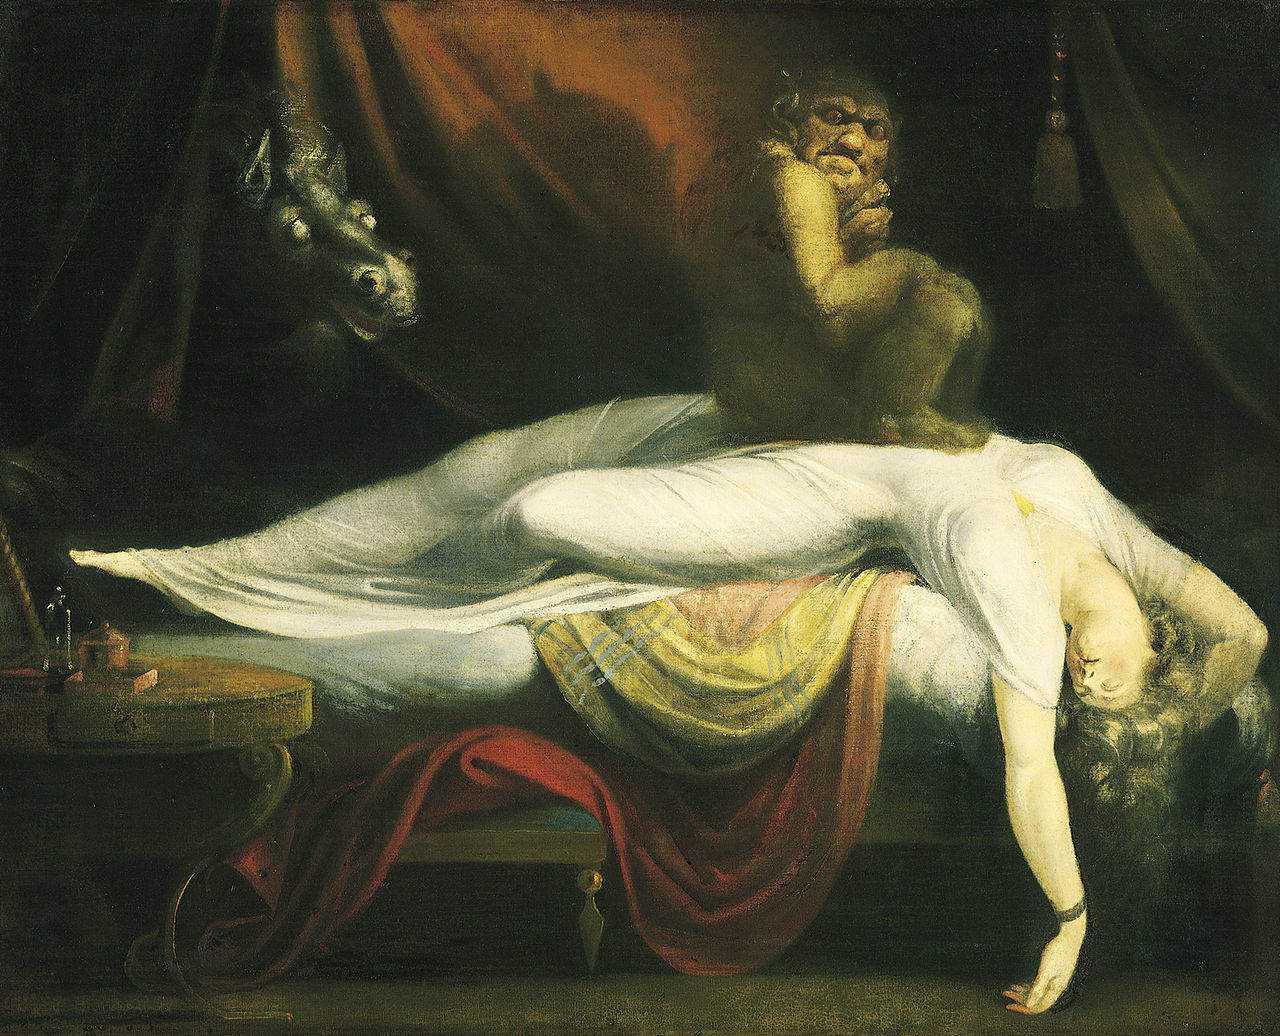 1280px John Henry Fuseli   The Nightmare Demônios da madrugada   os assustadores encontros noturnos